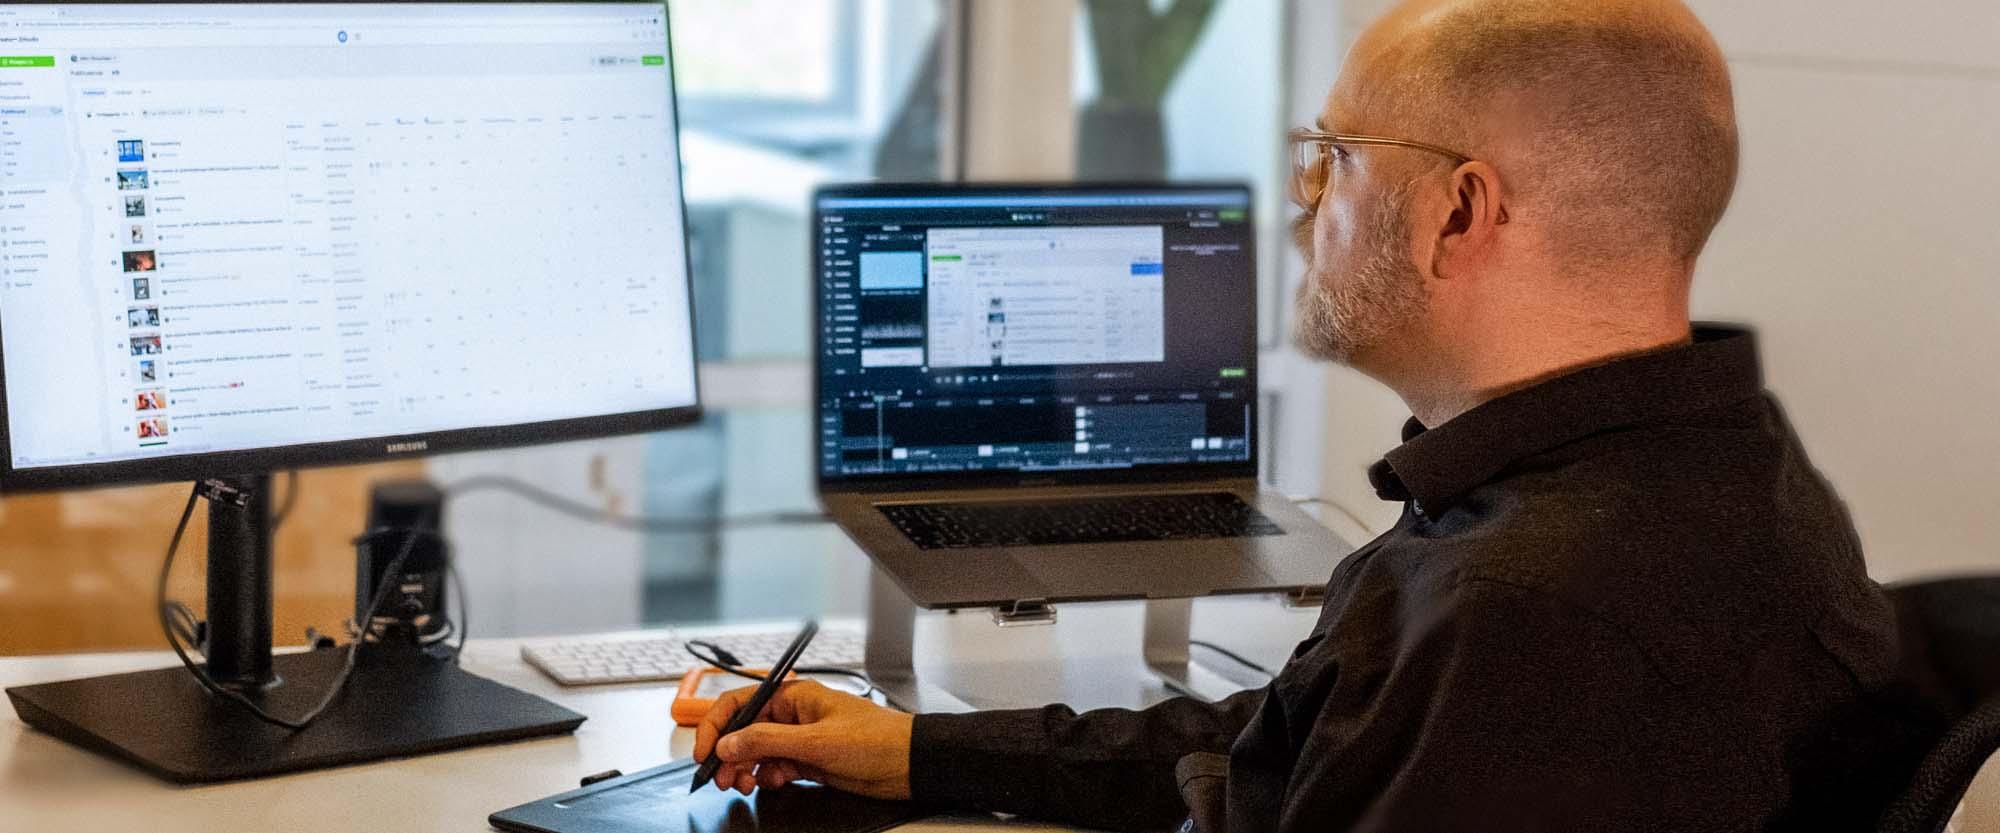 Onlinekurs Organisera och marknadsför med Creator Studio